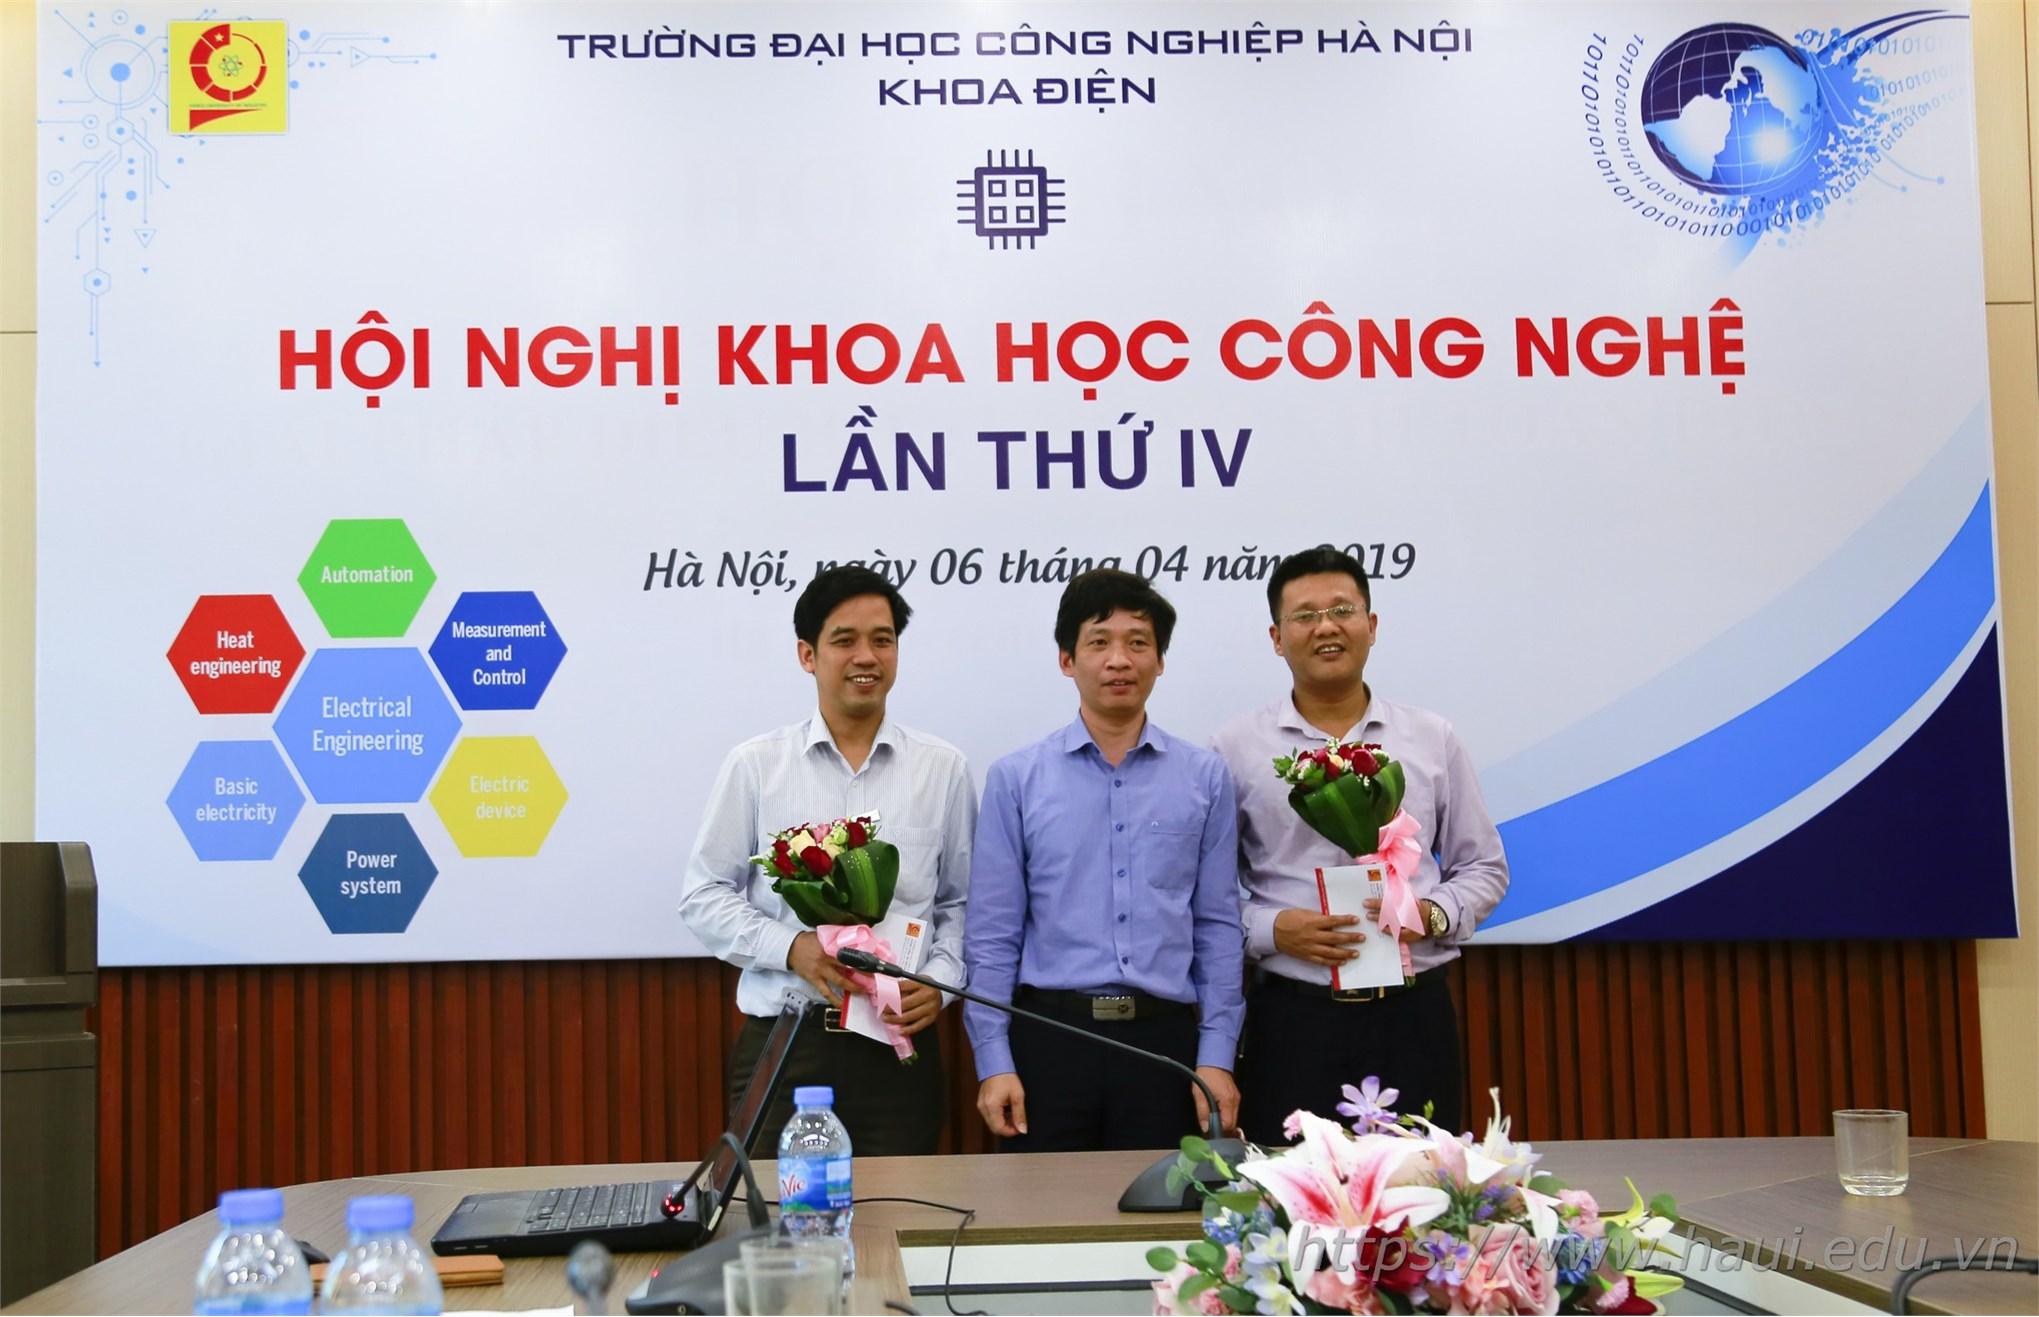 Hội nghị Khoa học Công nghệ khoa Điện lần thứ IV